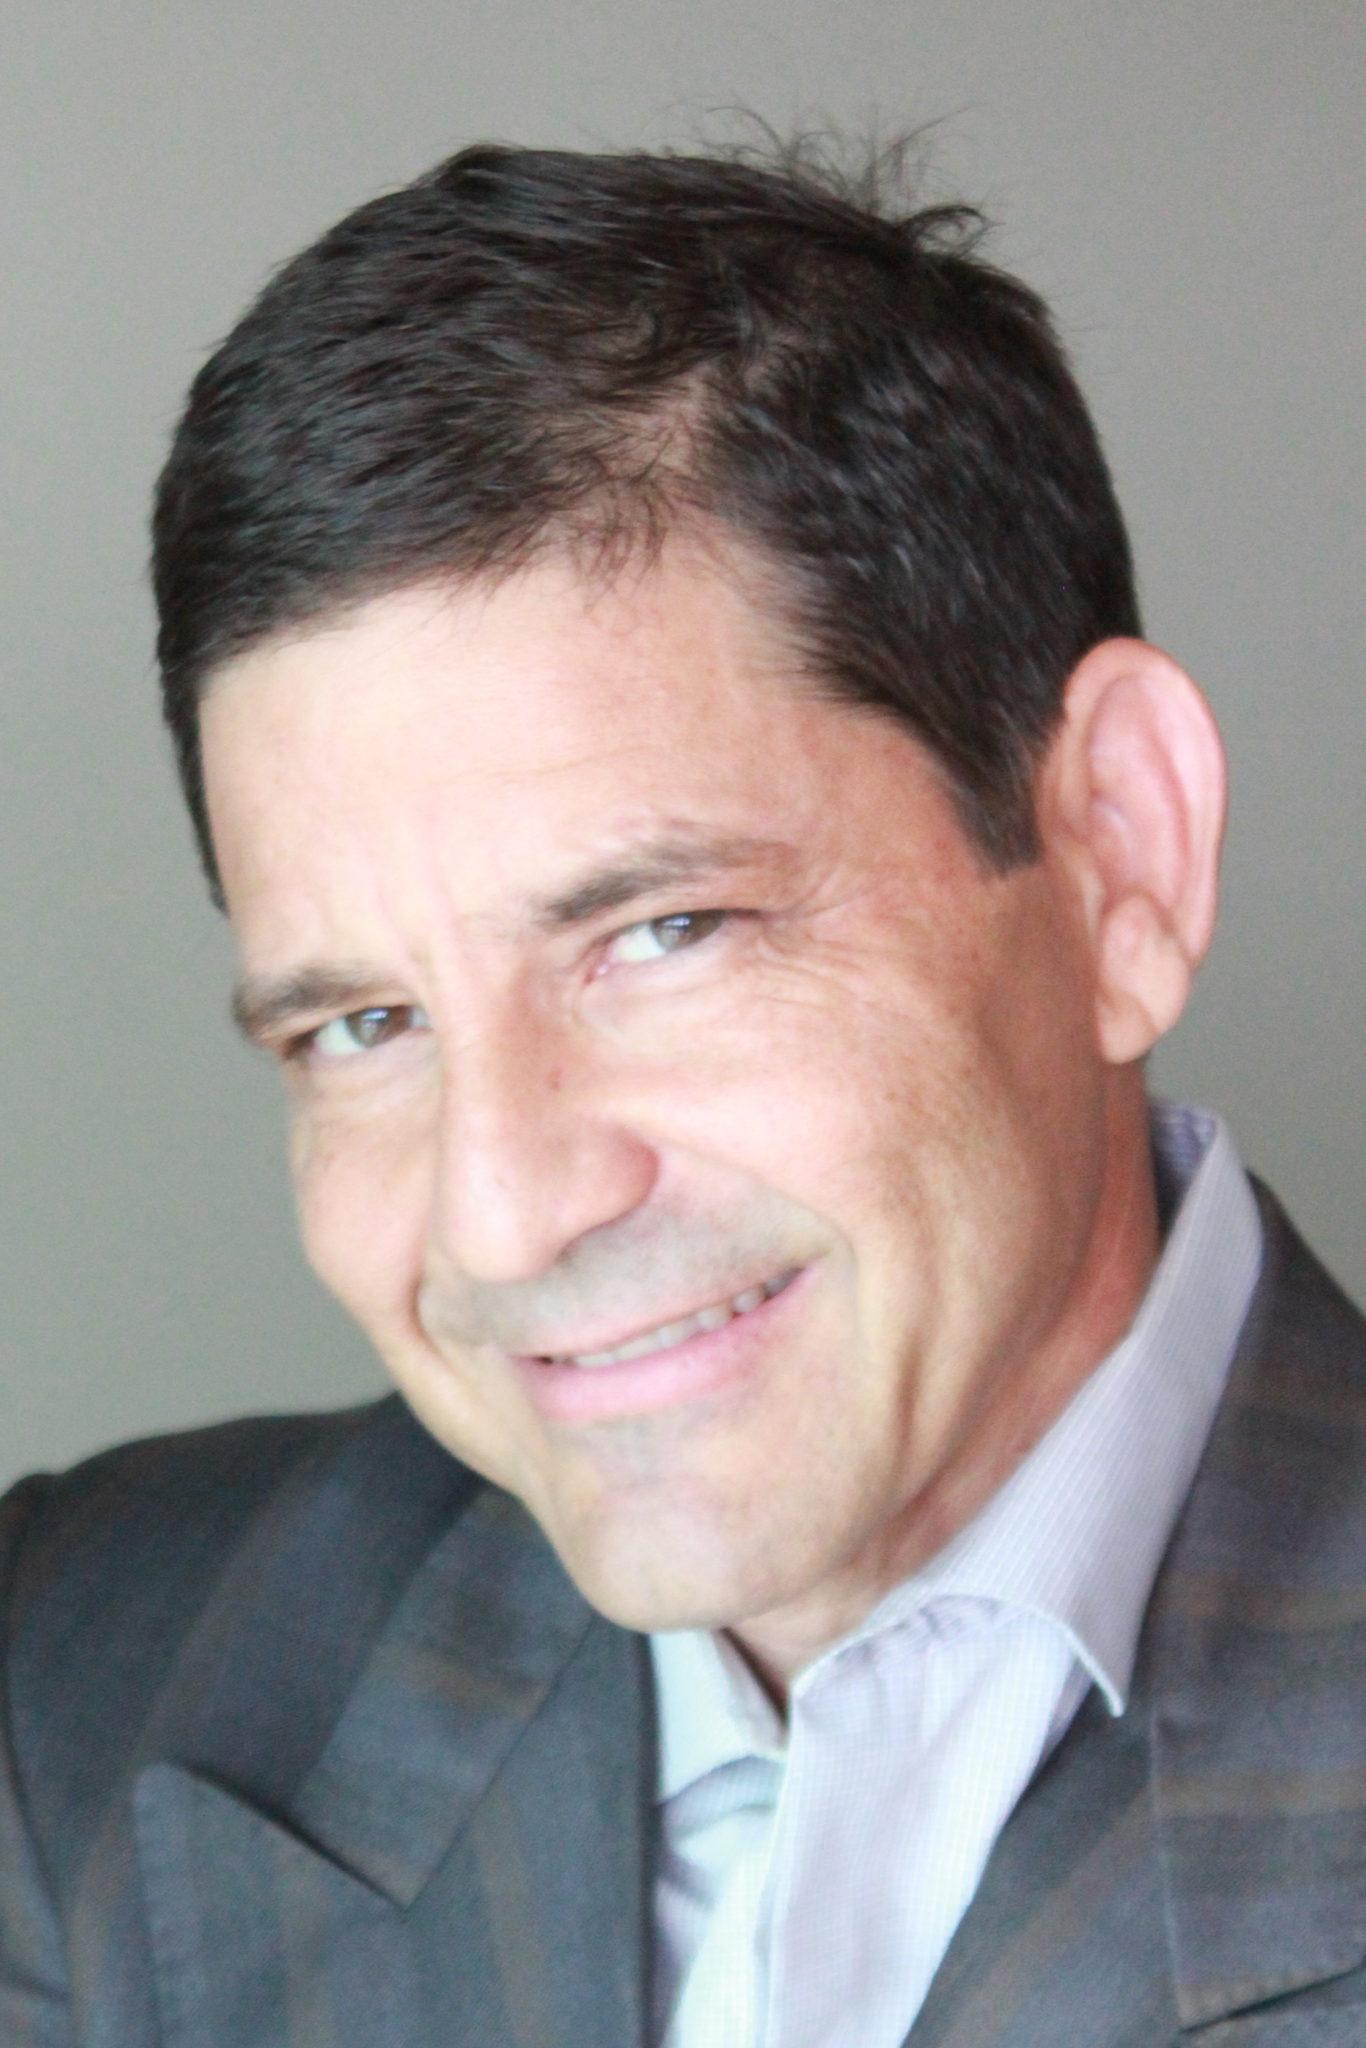 Periodista internacional, Keyvan Antonio Heydari se crió en Puerto Rico, y reside en Miami. Ha trabajado para varios reconocidos medios deportivos: The New York Times, NPR, L'Equipe, FIFA Futbol Mundial, ESPN, Telemundo, Univision y otros. En Brasil cubrió su octavo Mundial y asistió a su partido mundialista número 100. Desde la distancia, mantiene un ojo en el futbol boricua.